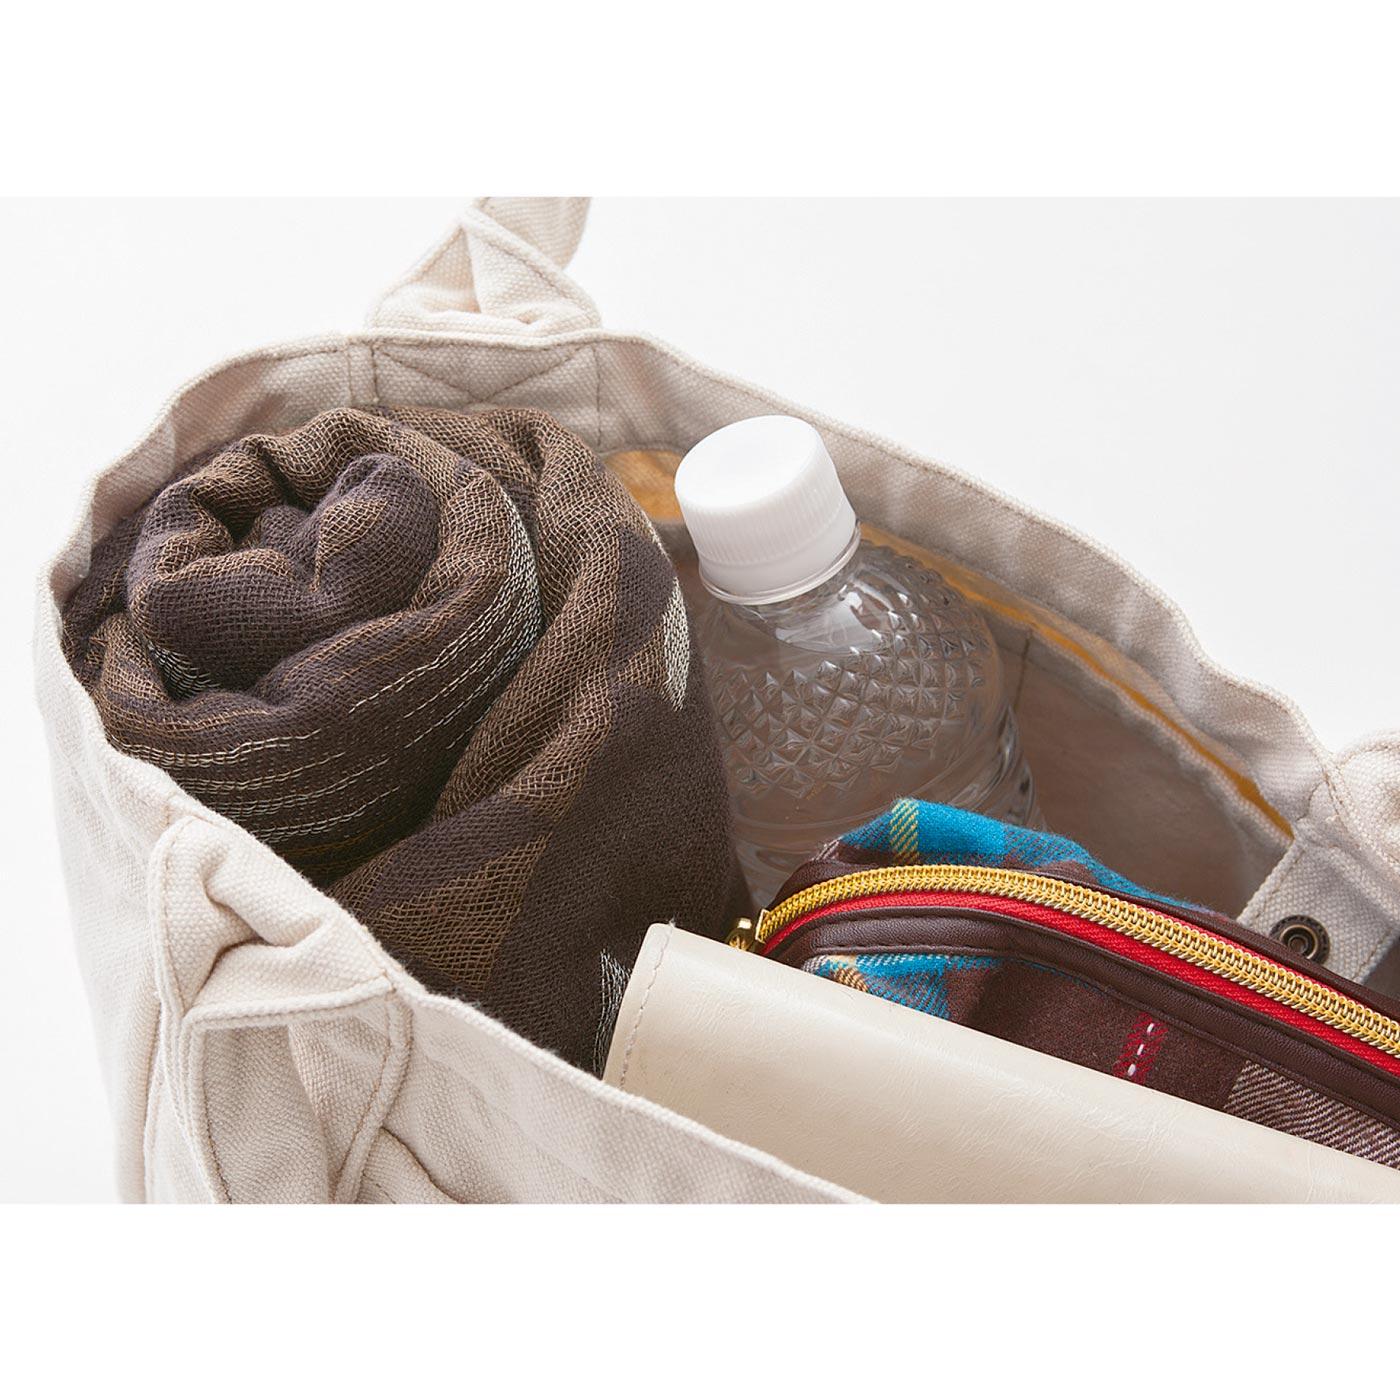 たためばコンパクトになるから、かばんに入れて持ち運びもOK。